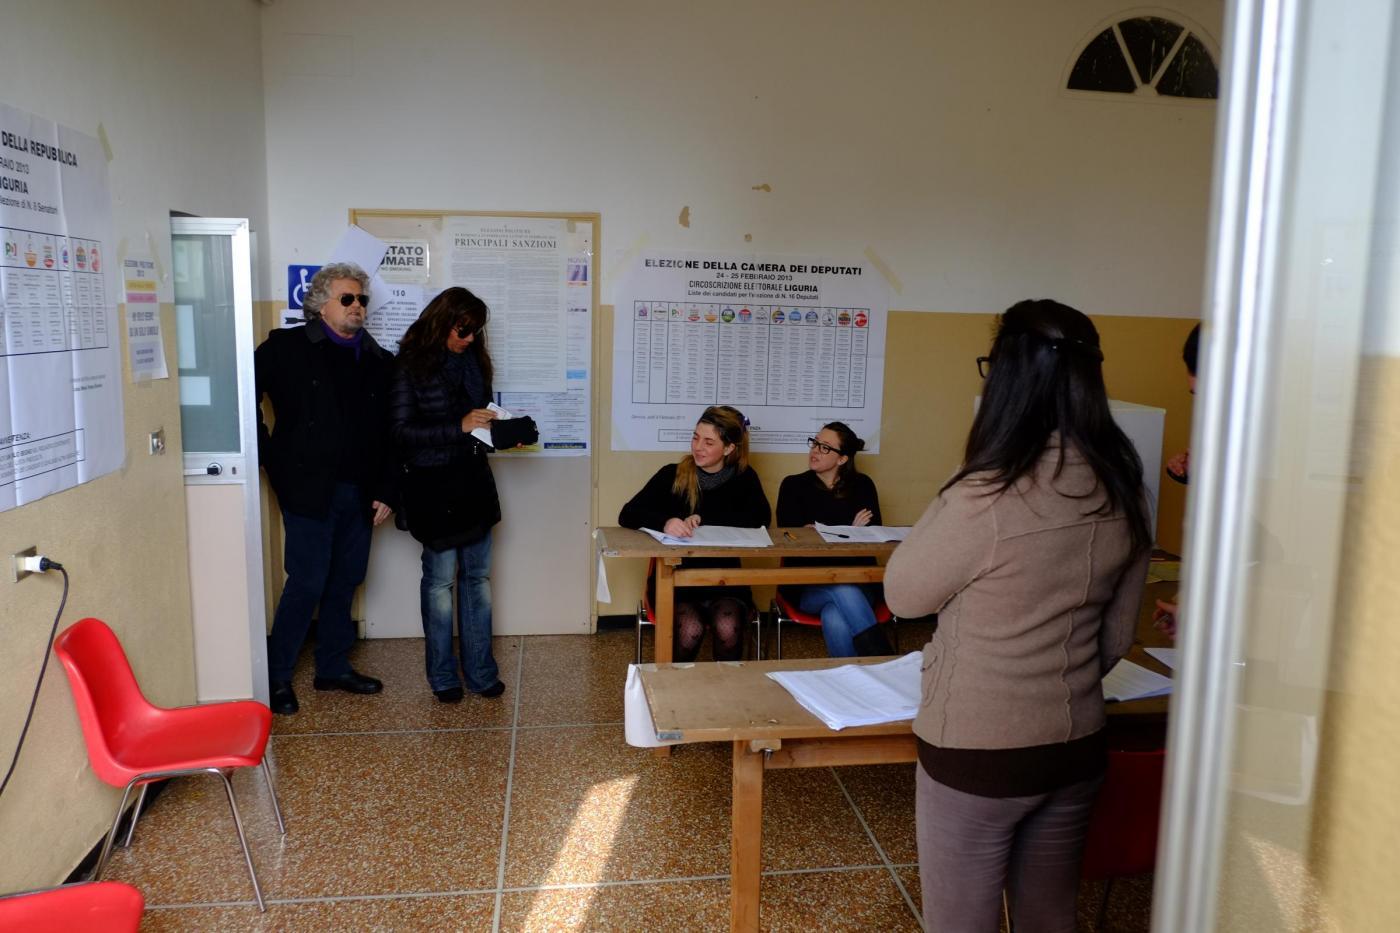 Elezioni politiche 2013, Bebbe Grillo al voto